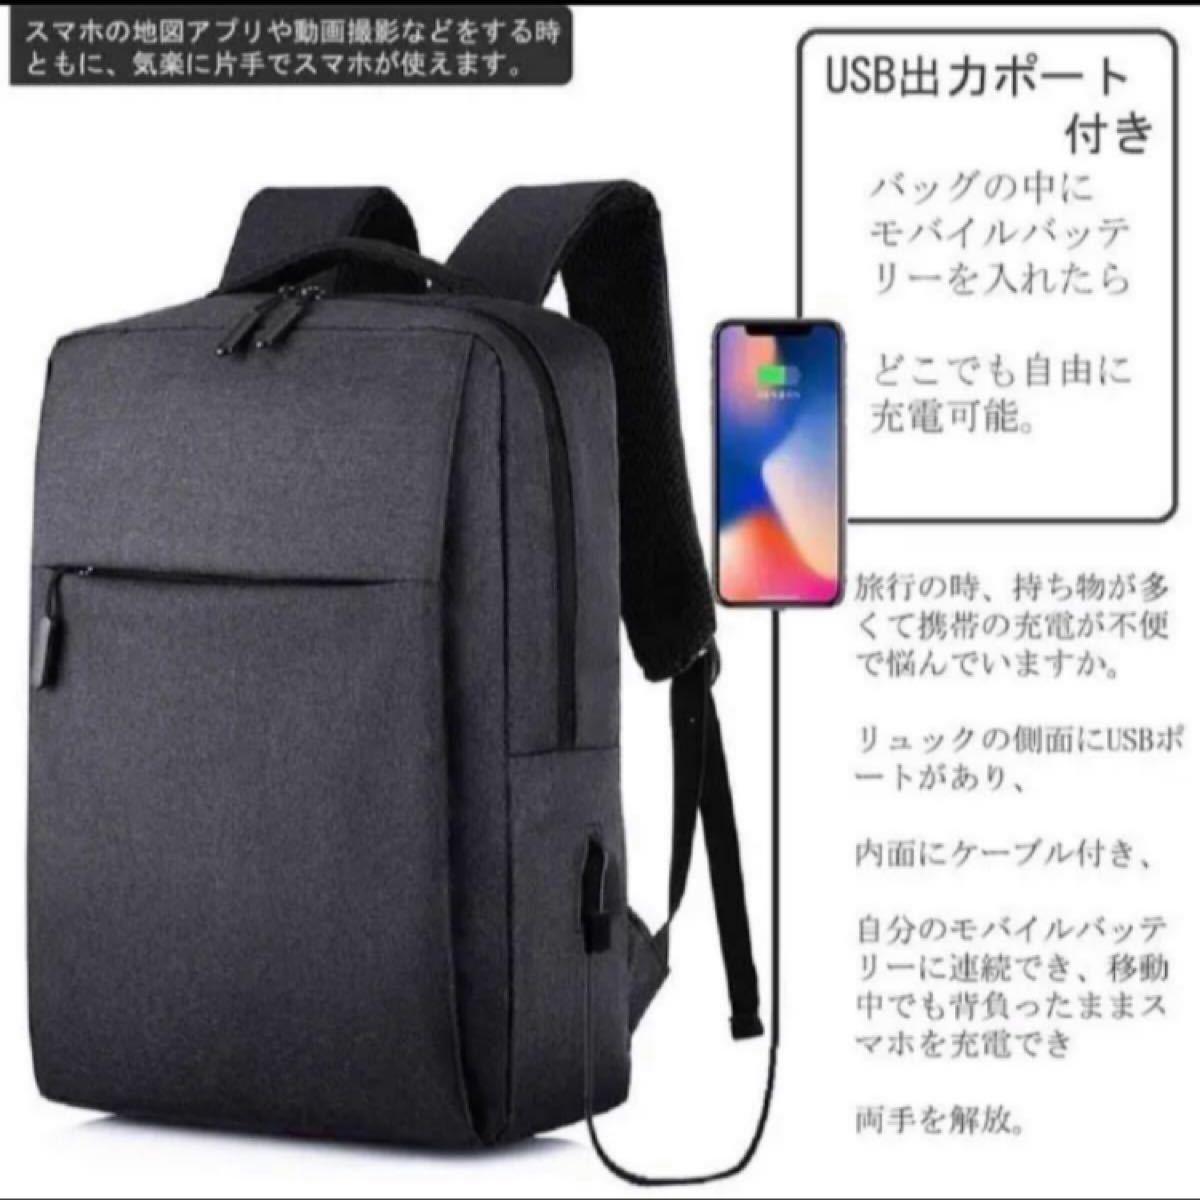 リュック USB アウトドア PC バックパック ビジネス 通勤 通学 旅行